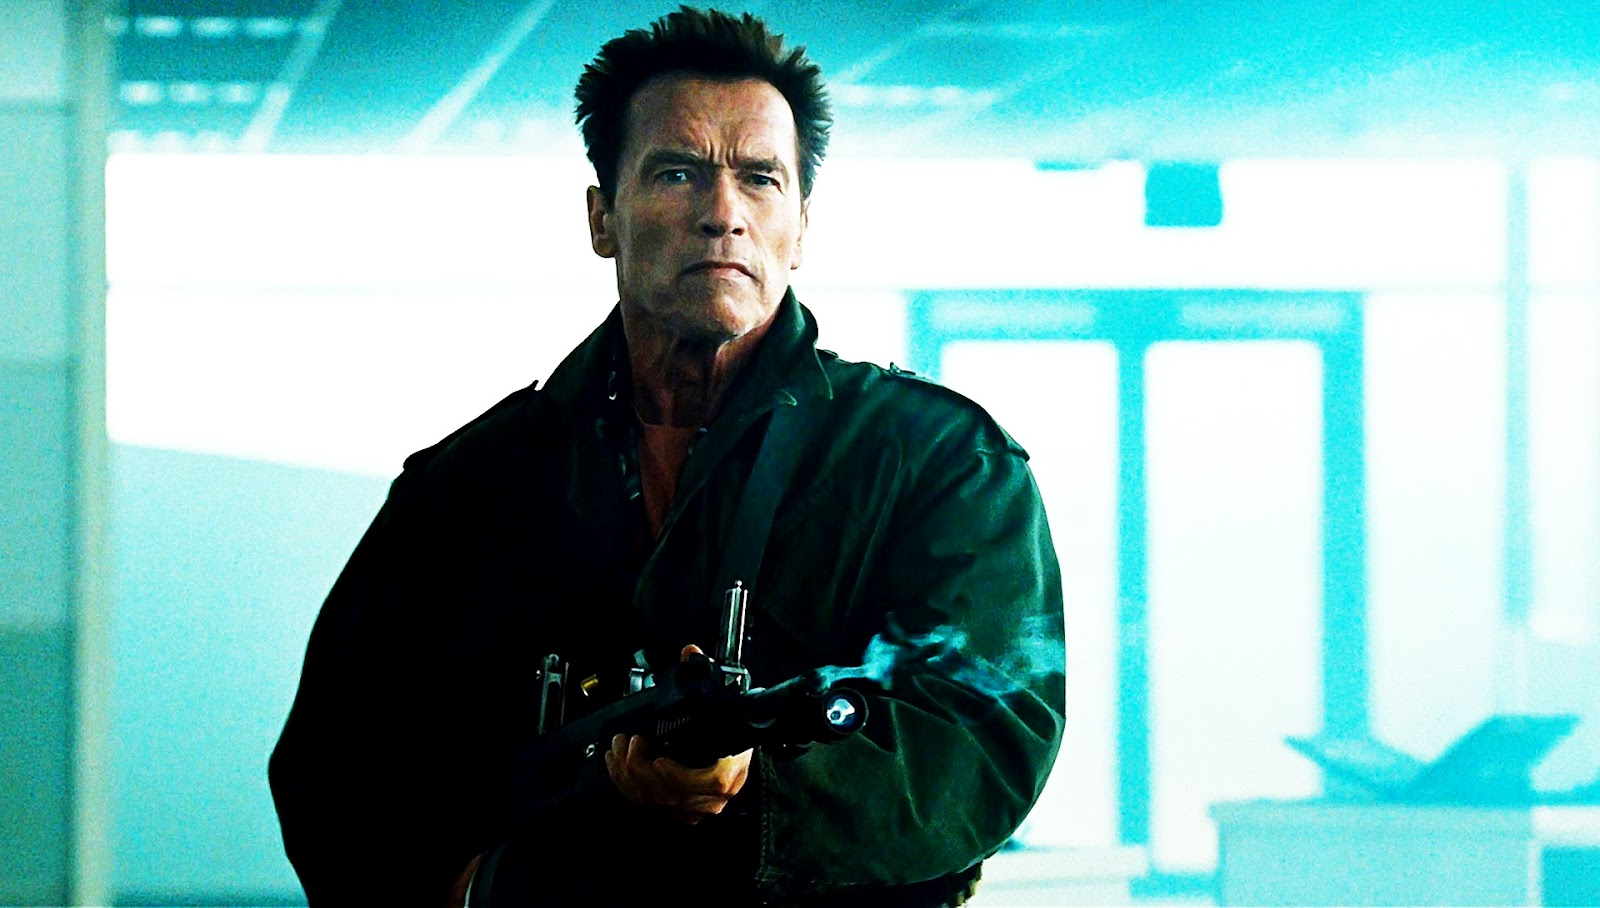 http://4.bp.blogspot.com/-6cR3OK3Gjx4/UC1es4PhhkI/AAAAAAAACA4/fxzFR8MC9RY/s1600/The+Expendables+2-Arnold+Schwarzenegger.jpg